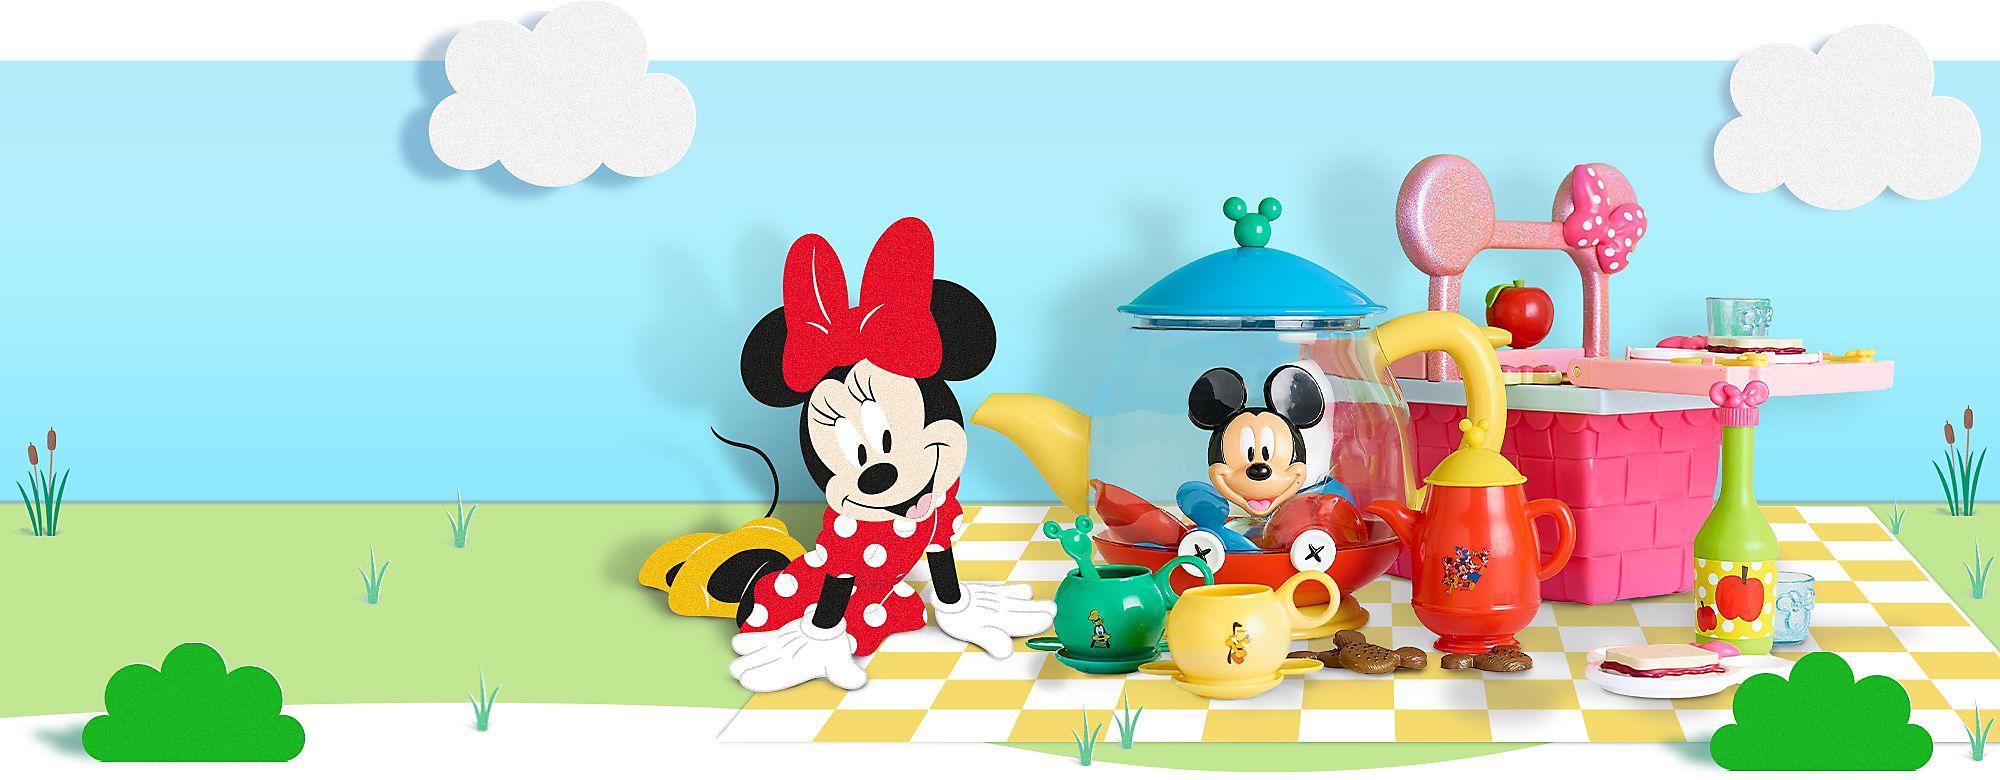 Che meraviglia! Scopri la nostra collezione di giochi dedicata a Minnie con i tuoi topolini